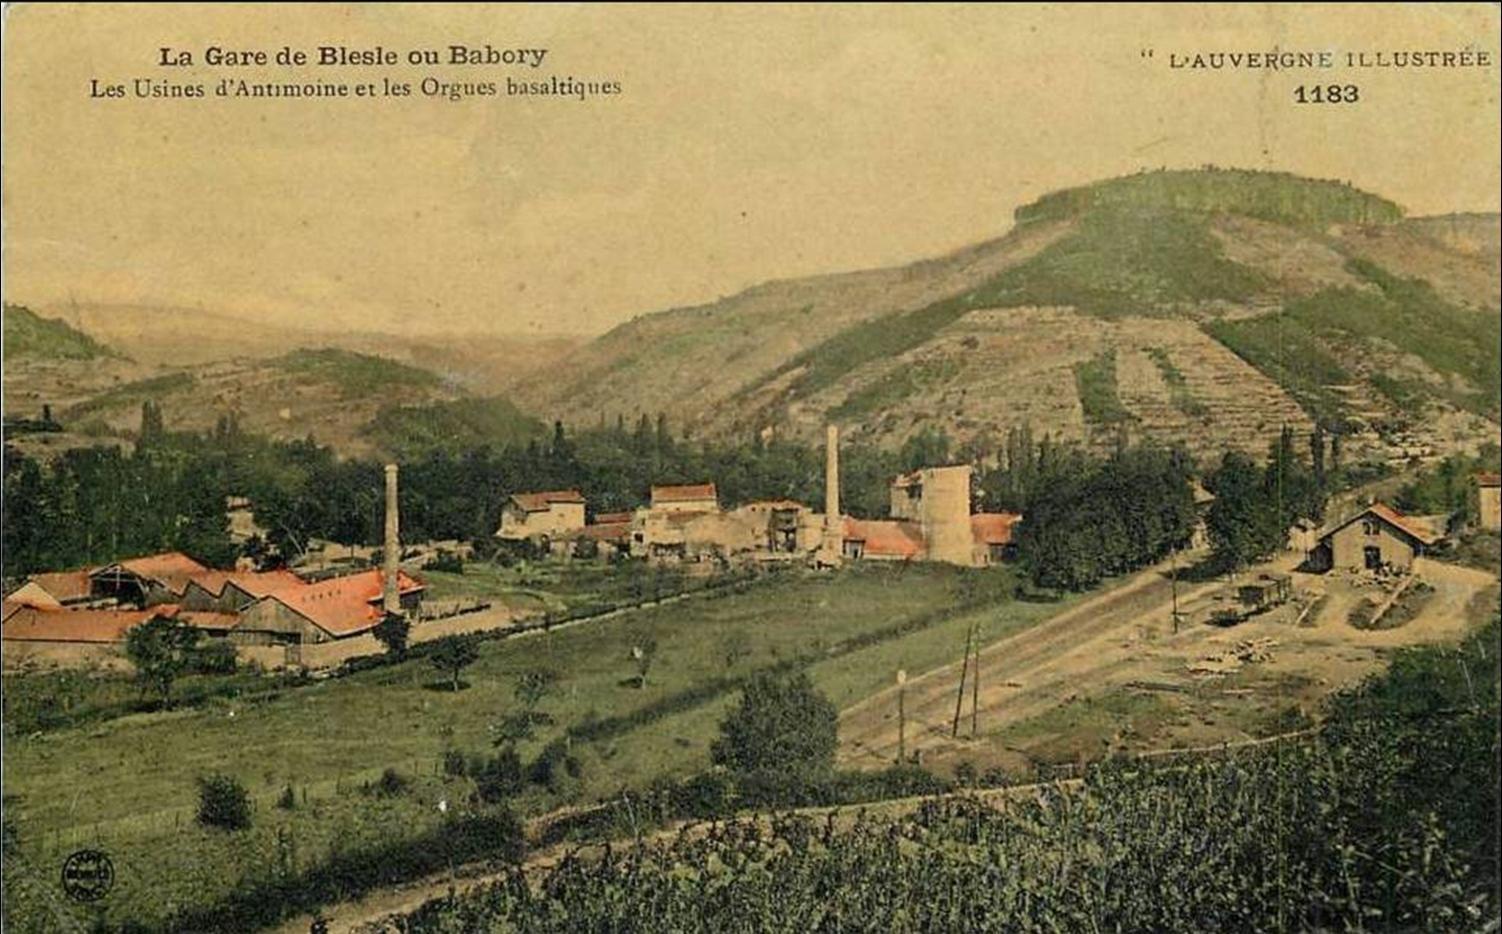 Le Babory de Blesle